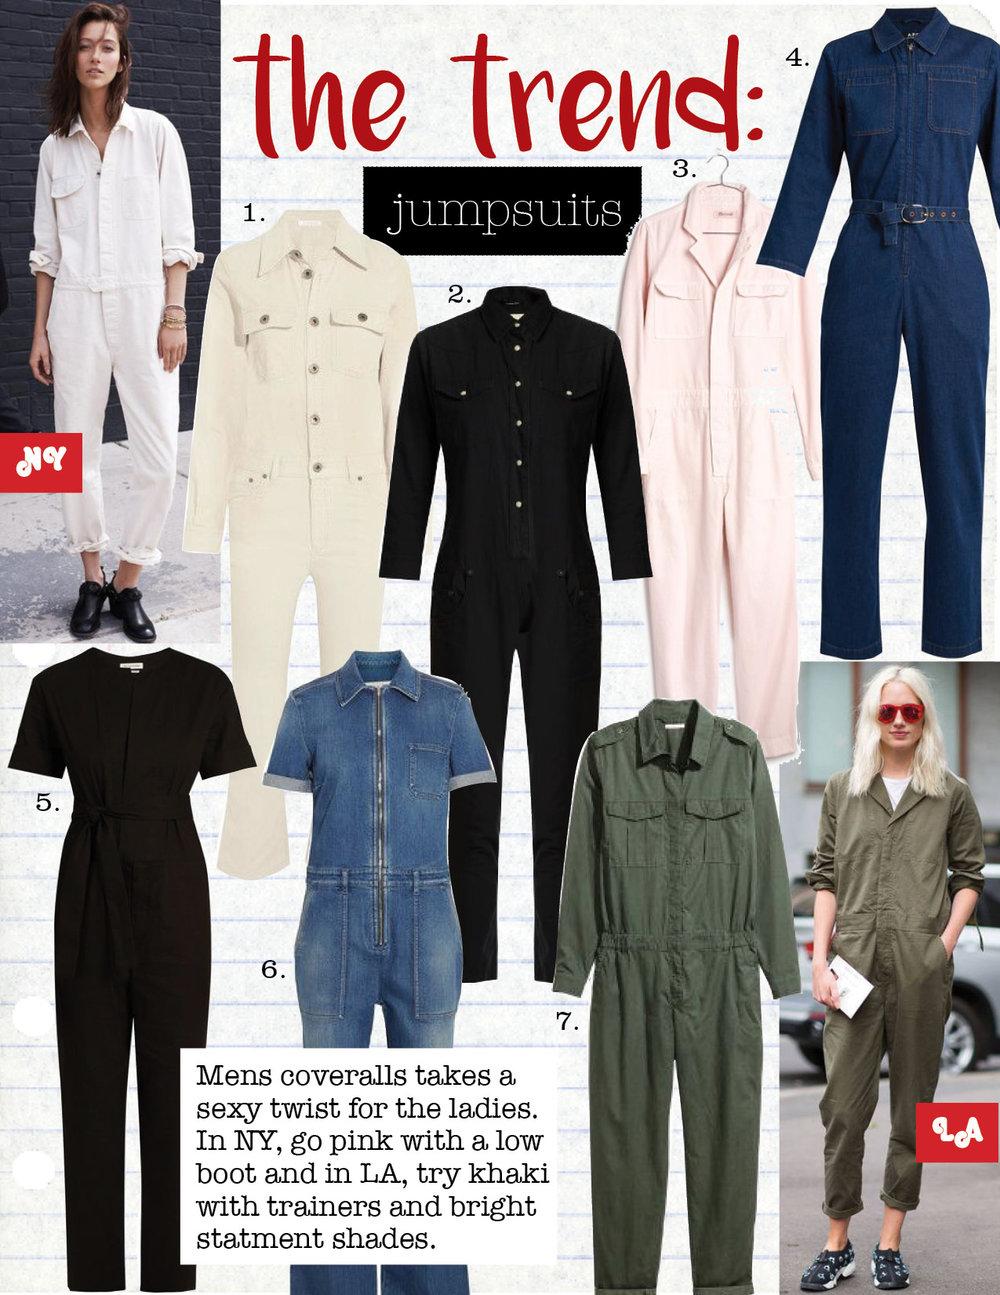 1. chloe corduroy jumpsuit, $1195,  net-a-porter.com  2. r13 cowboy point-collar slim-leg cotton jumpsuit, $695,  matchesfashion.com  3. madewell pink coverall jumpsuit, $148,  madewell.com  4. a.p.c. truck cotton-denim jumpsuit, $275,  matchesfashion.com  5. isabel marant etoile nadela tie-waist jumpsuit, $560,  matchesfashion.com  6. stella maccartney denim jumpsuit, $895,  net-a-porter.com  7. h&m cotton blend jumpsuit, $59,  hm.com